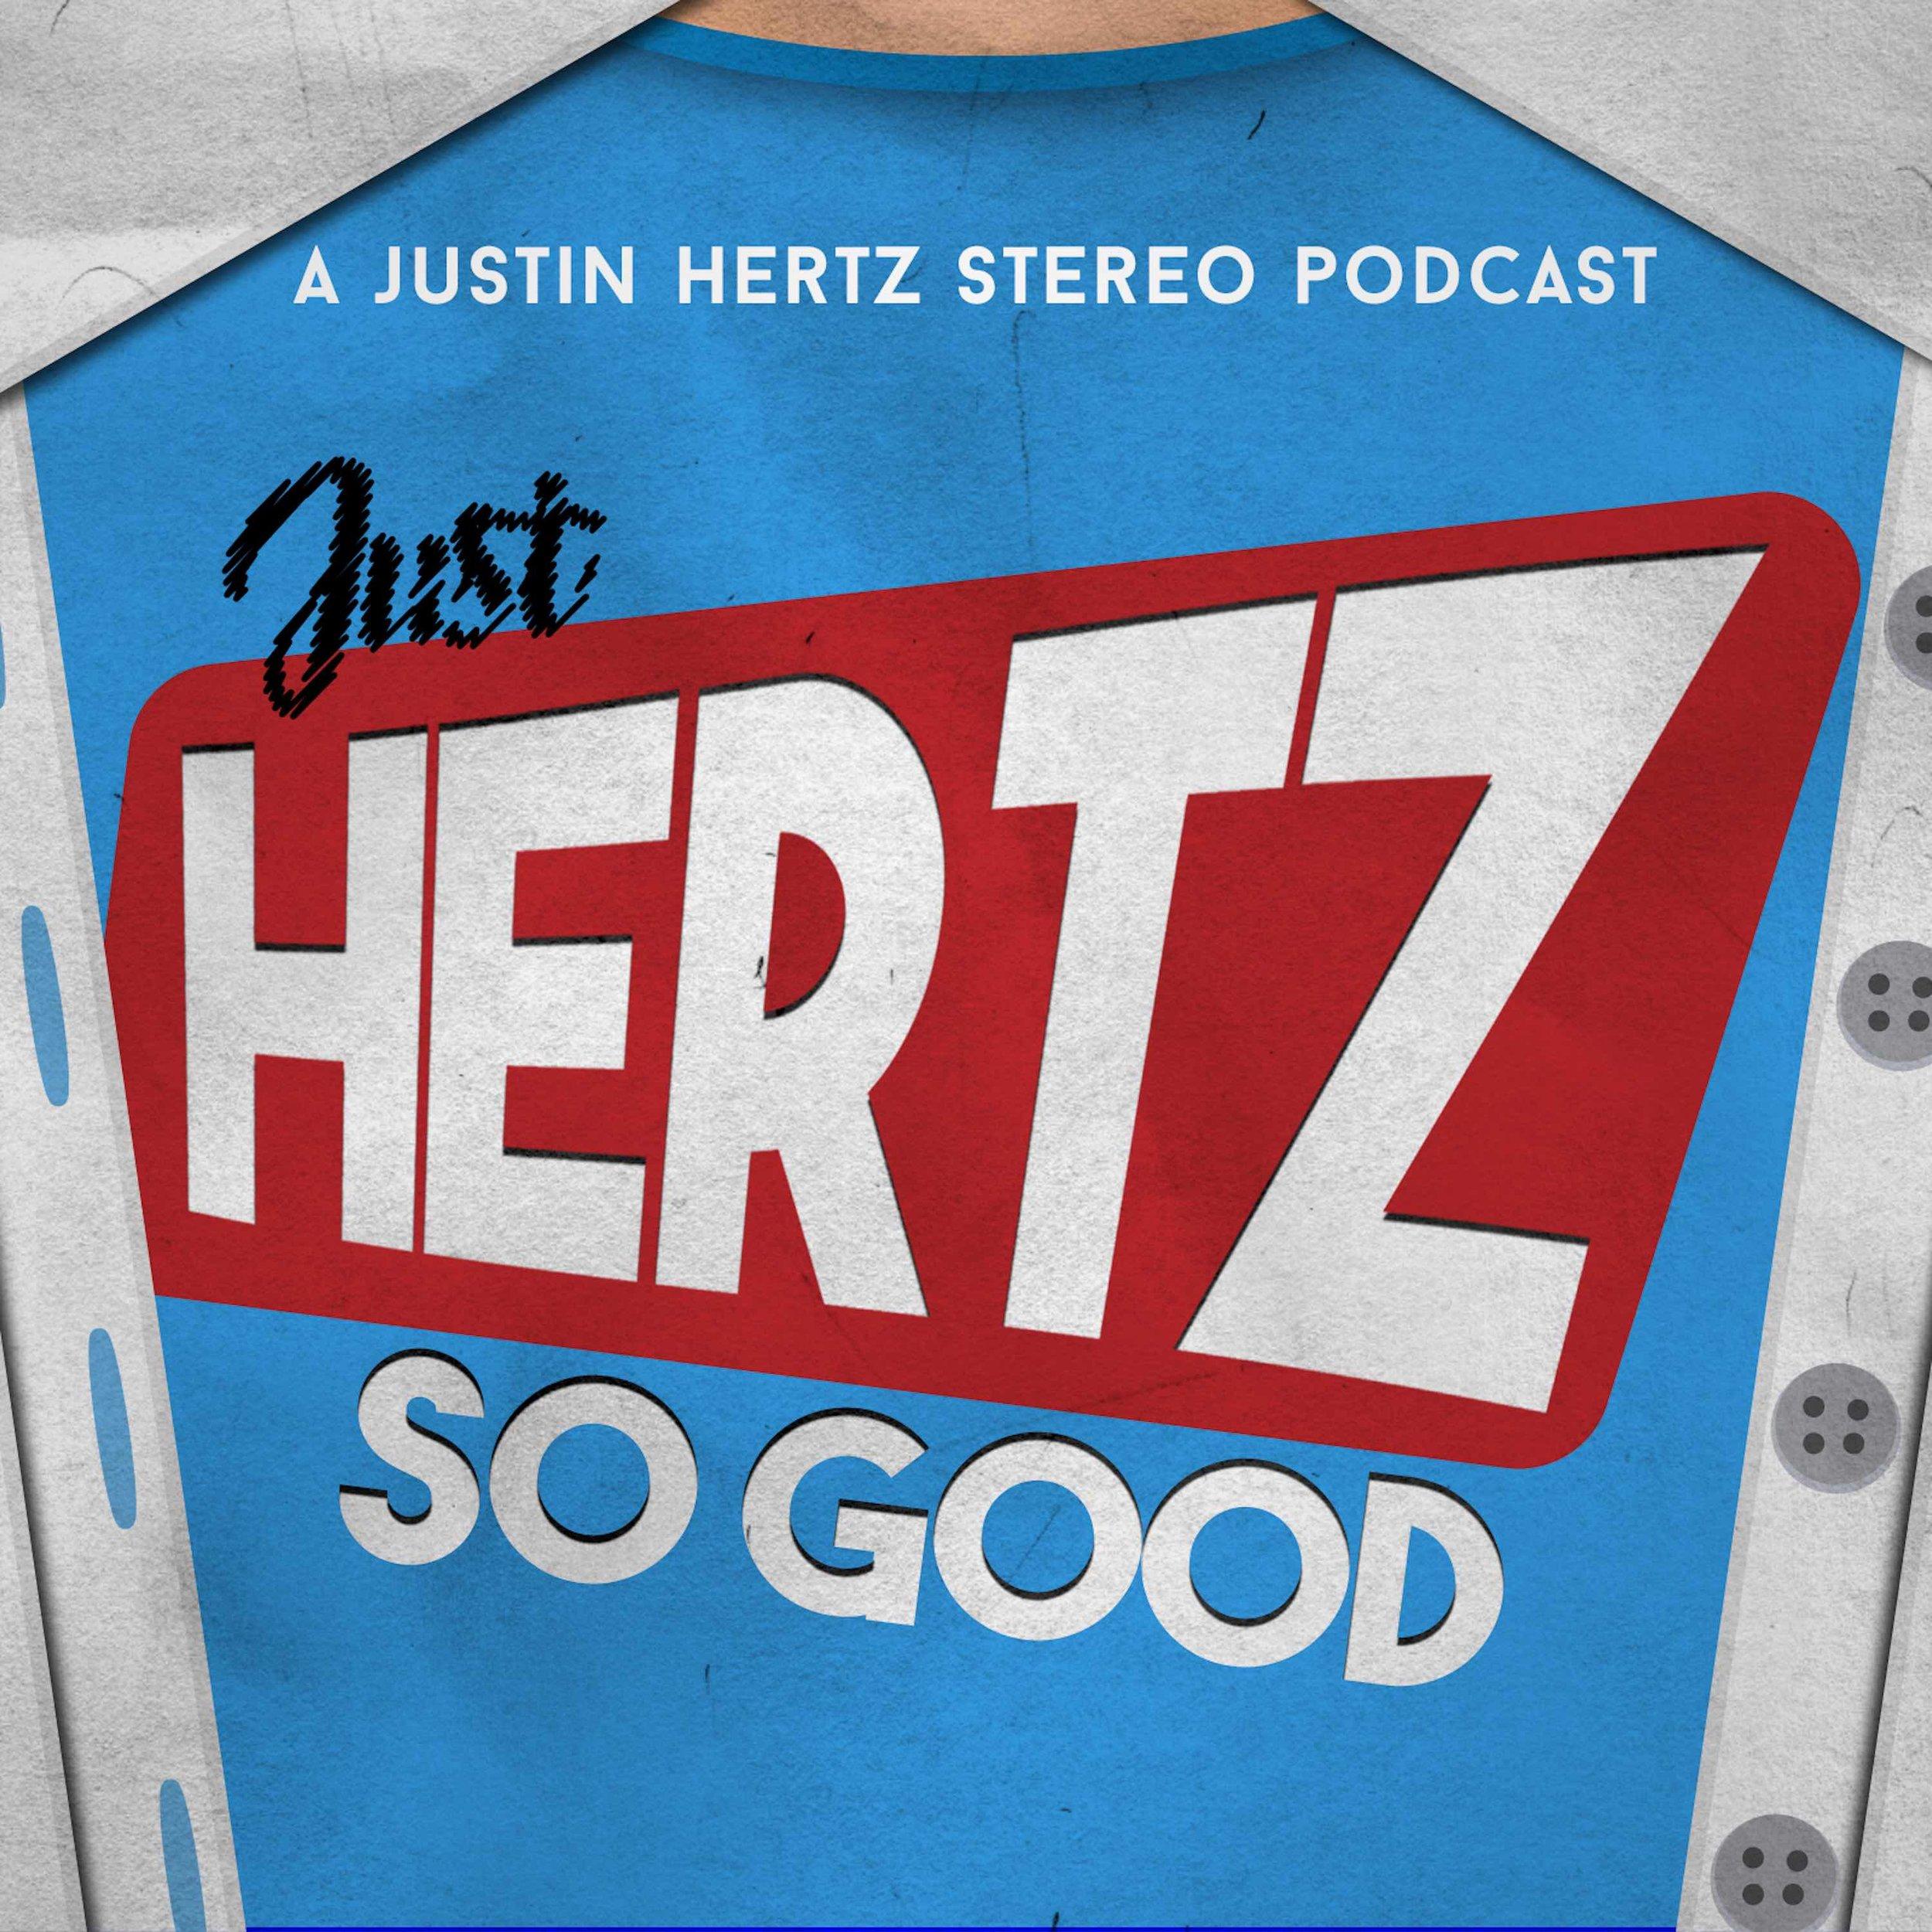 Just Hertz So Good